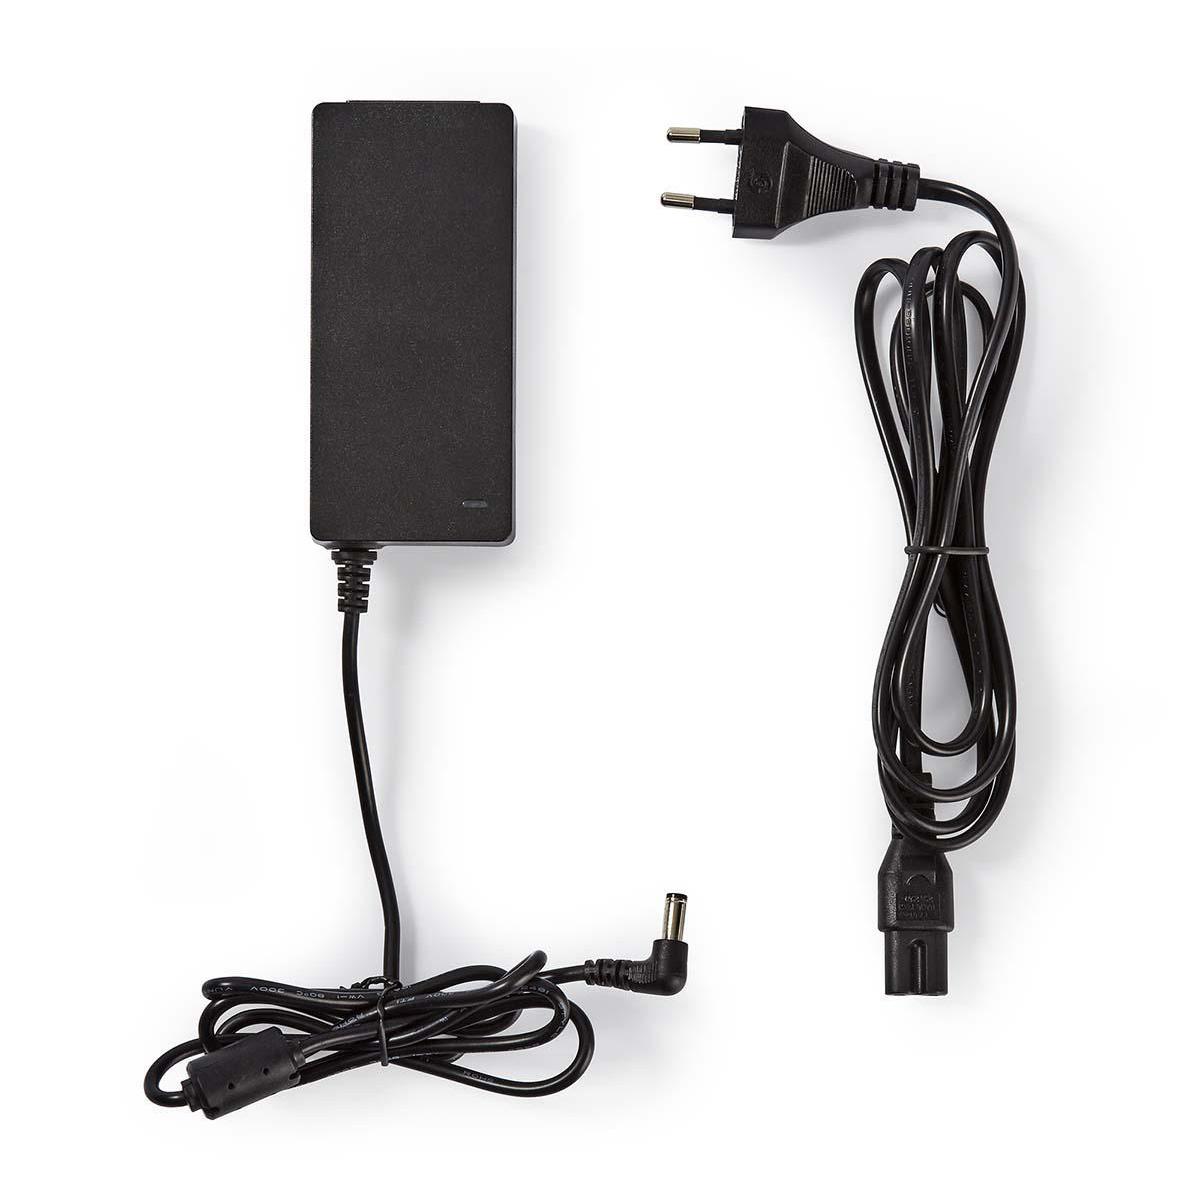 Este não é um adaptador CCTV padrão - este adaptador foi projetado especificamente para sistemas de CFTV que exigem muito da energia a ser fornecida. Onde os adaptadores padrão raramente fornecem energia suficiente para uso com CFTV, certamente quando um